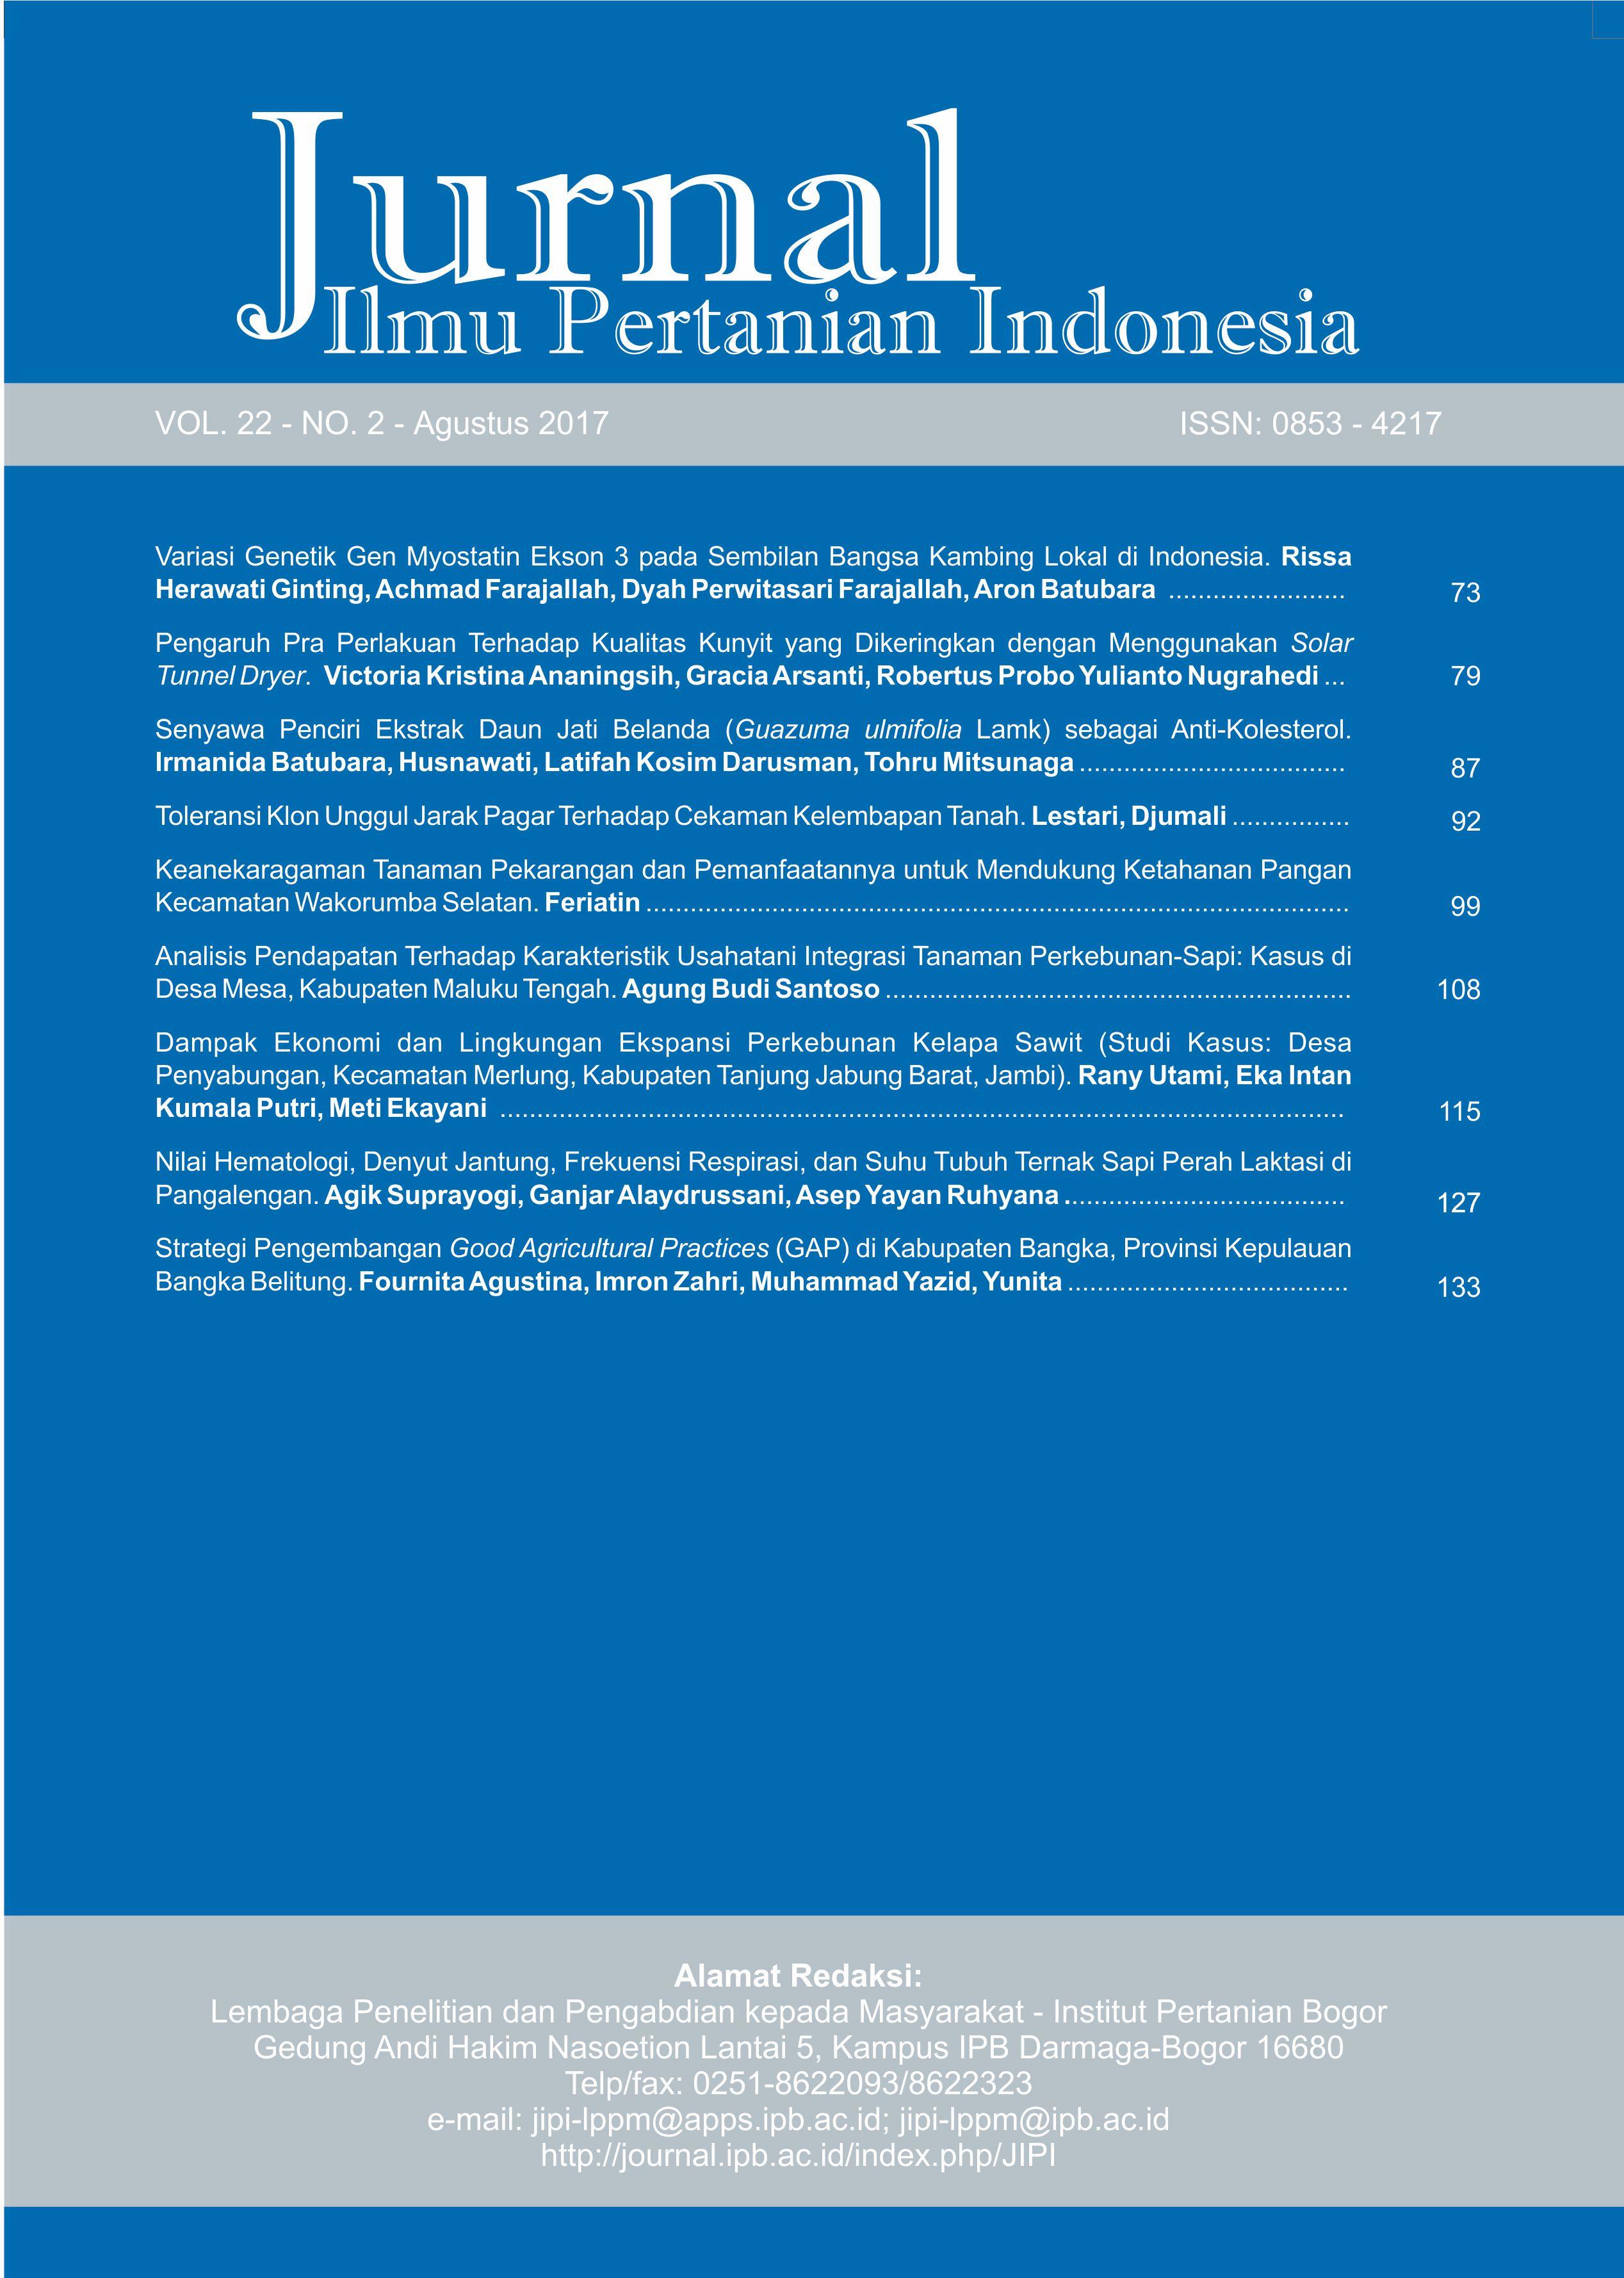 Nilai Hematologi Denyut Jantung Frekuensi Respirasi Dan Suhu Tubuh Ternak Sapi Perah Laktasi Di Pangalengan Jurnal Ilmu Pertanian Indonesia